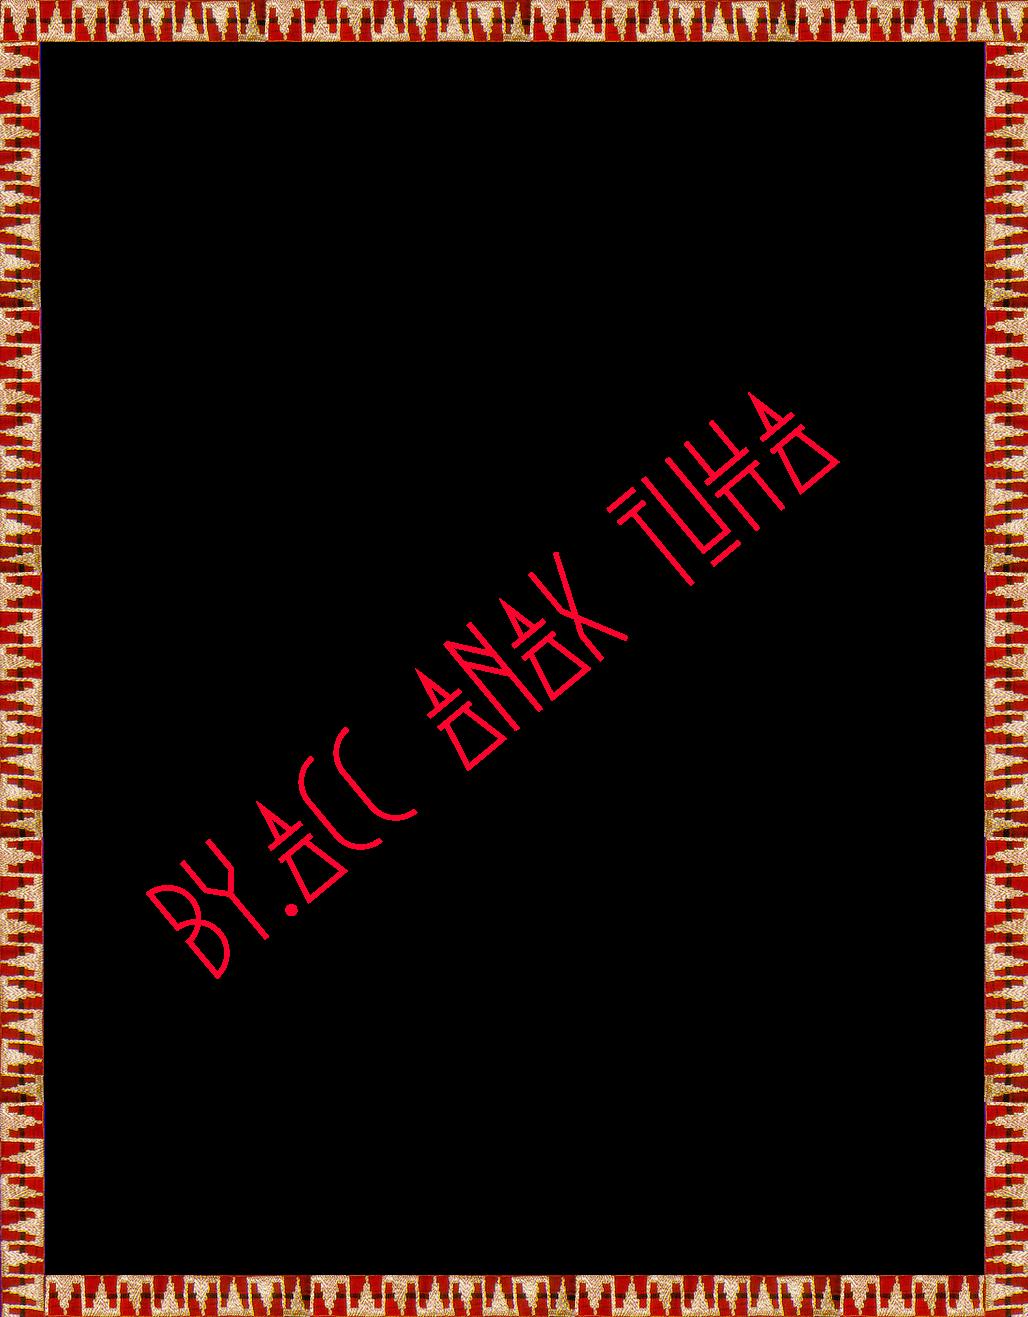 Bingkai Tapis Lampung Versi Acc